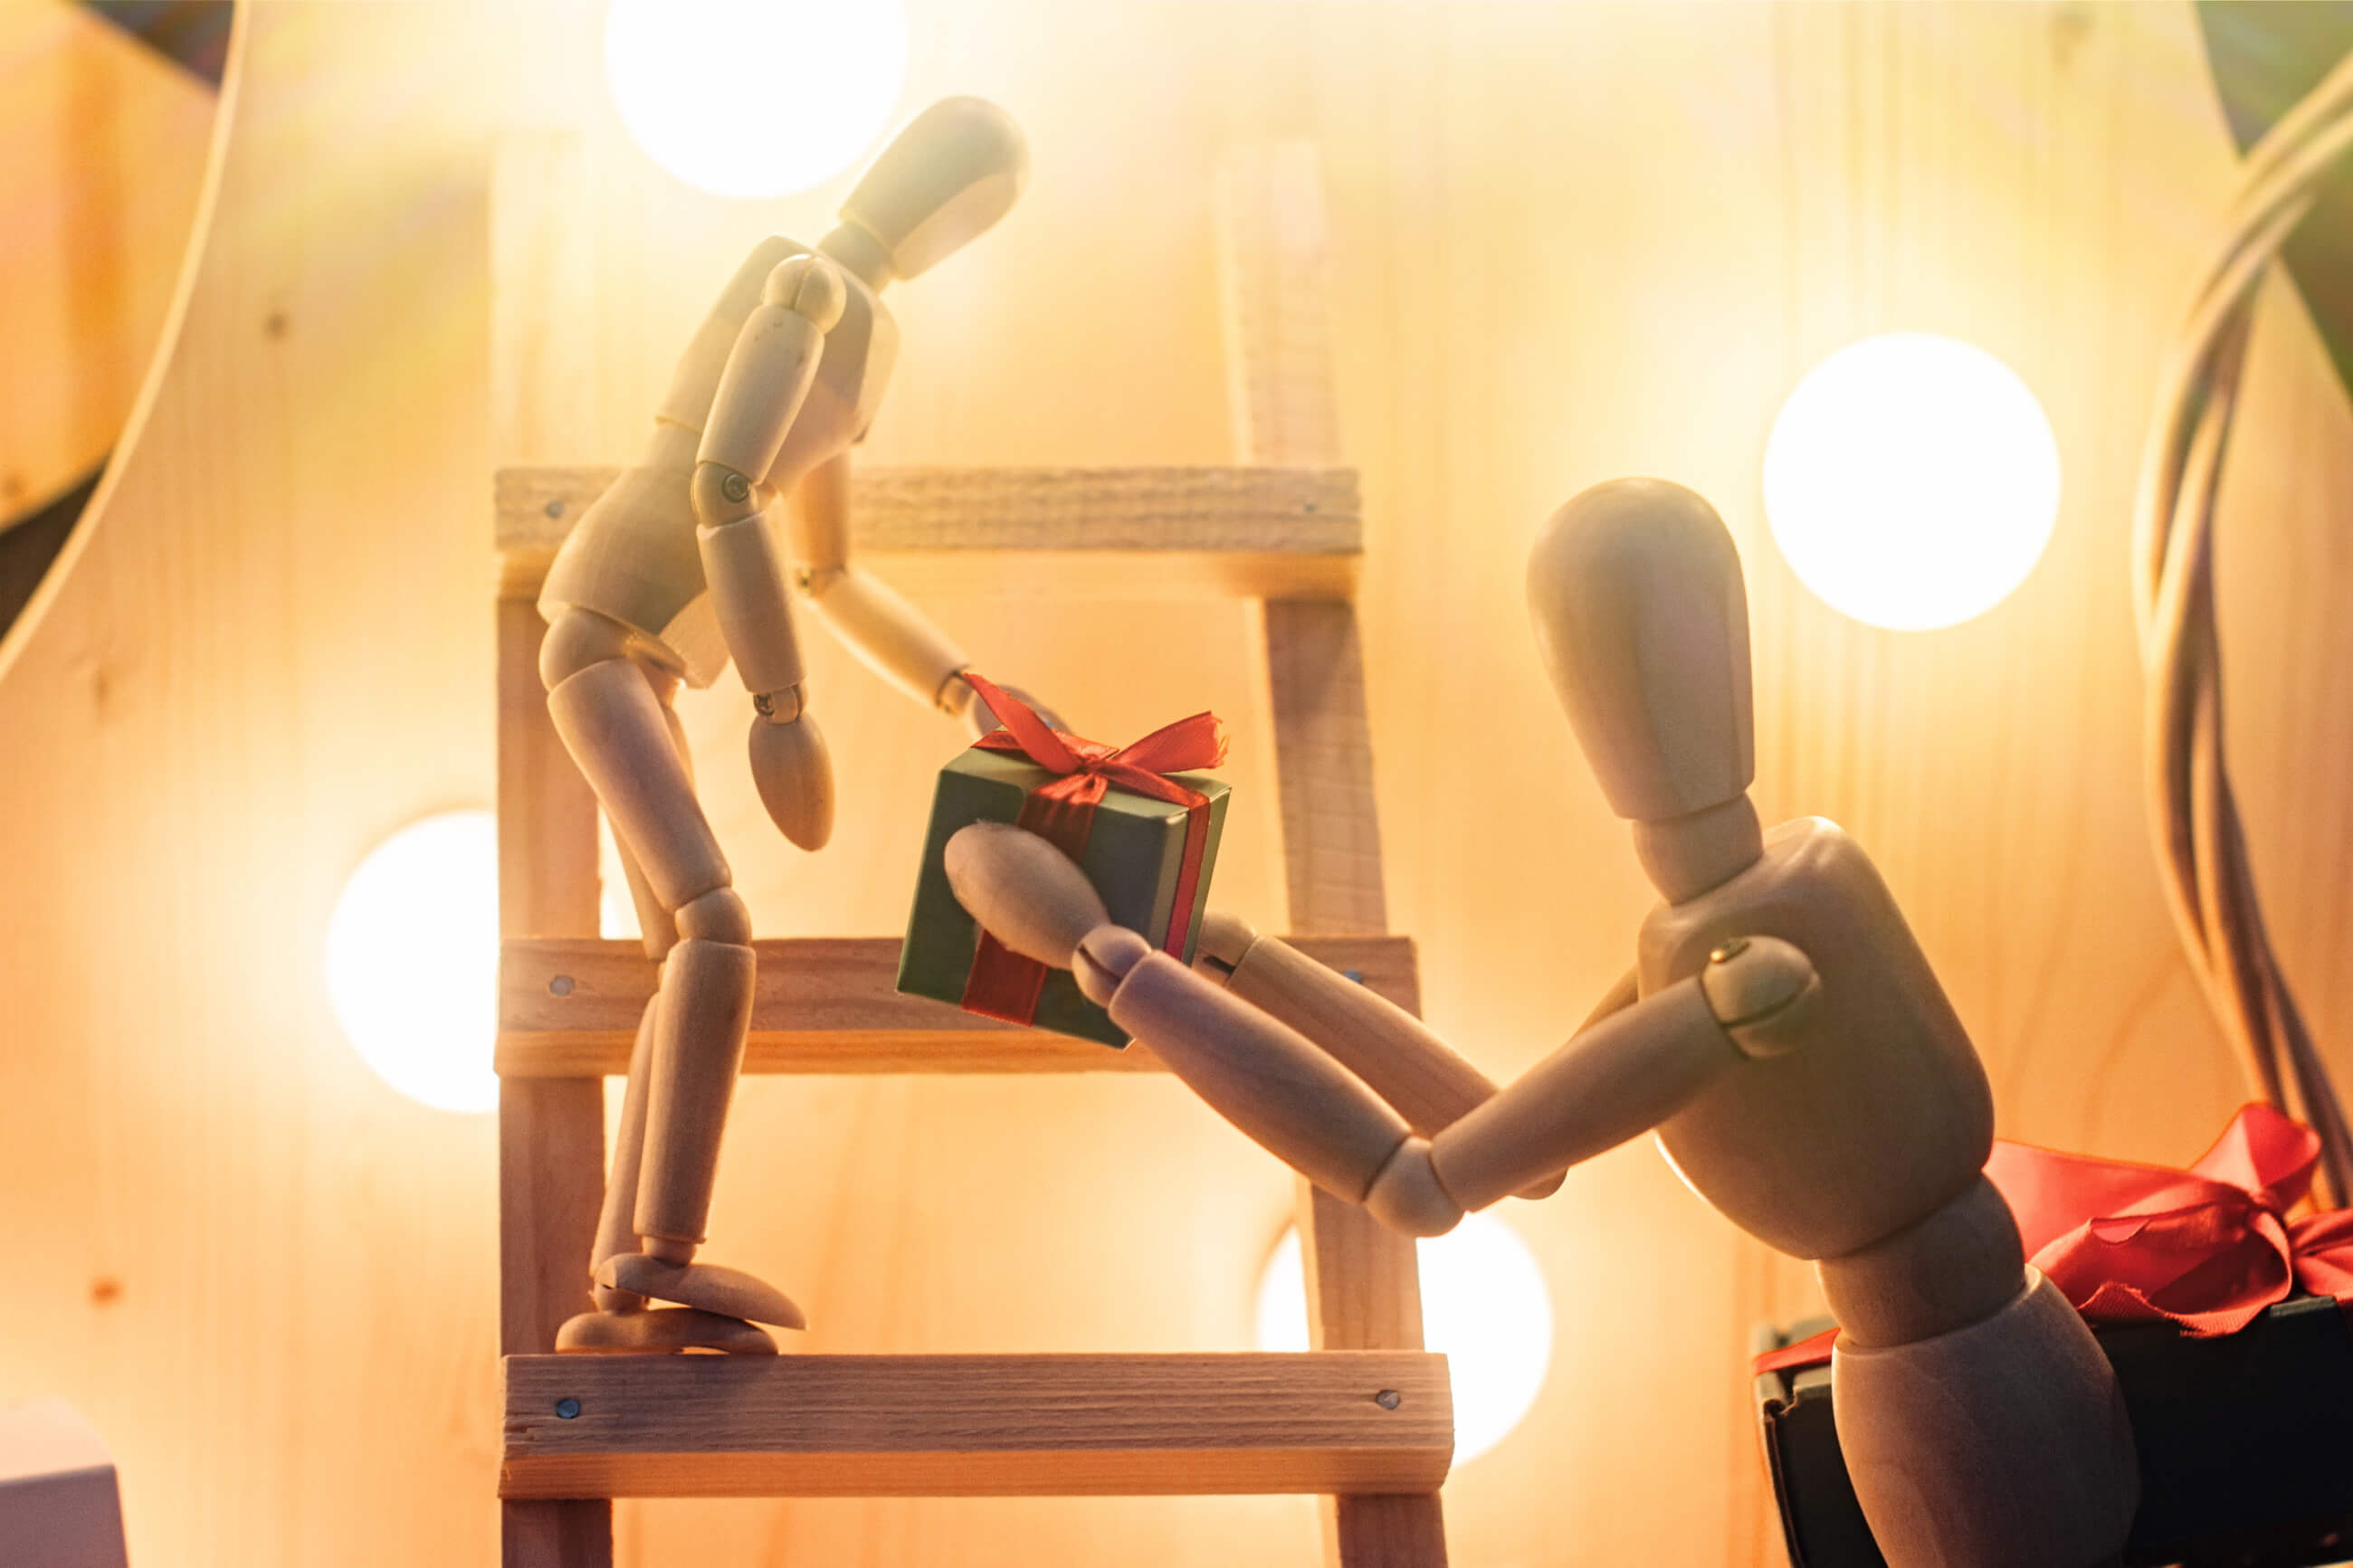 Zwei Holzfiguren übergeben sich ein Geschenk mit einer roten Schleife